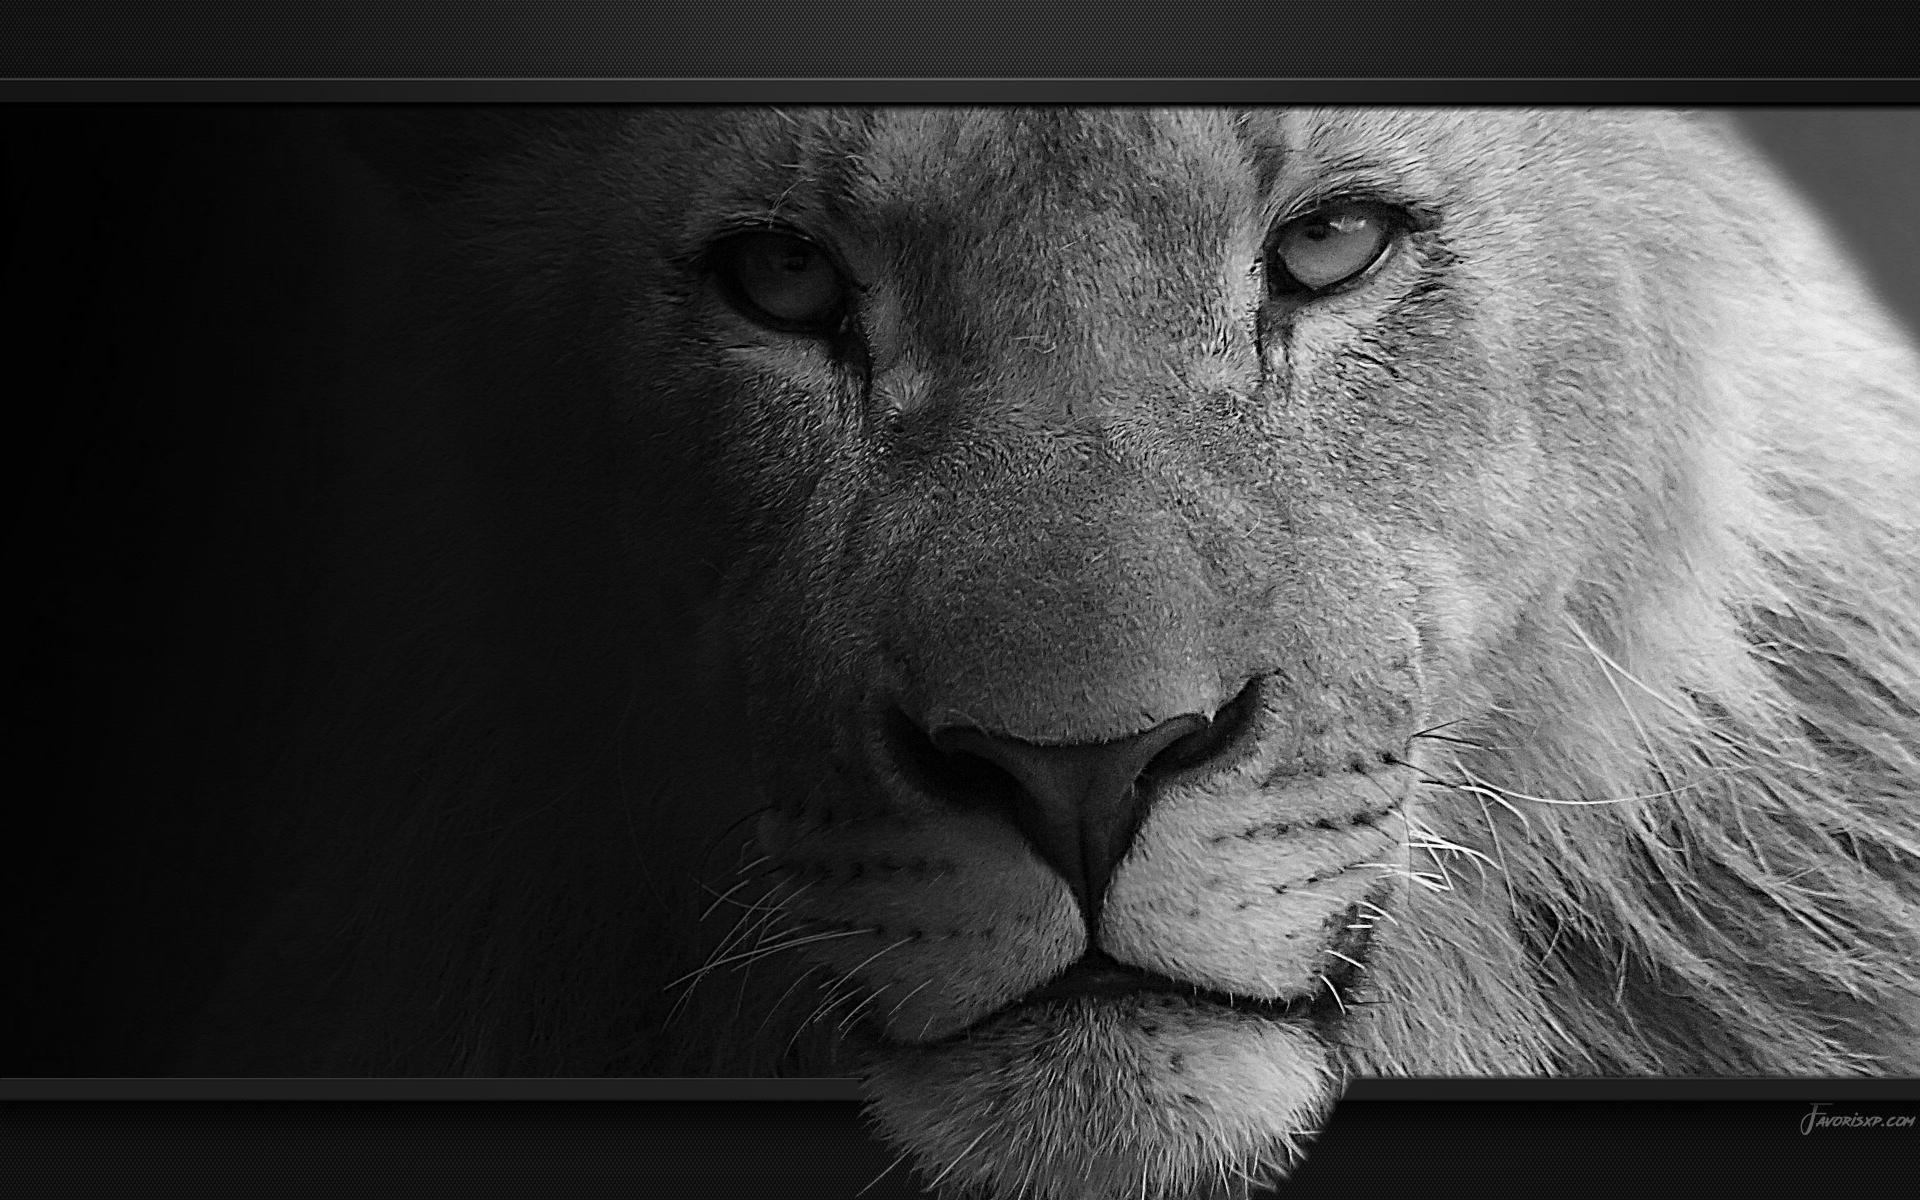 Lions Fonds Décran Image Arrière Plan Wallpaper Favorisxp